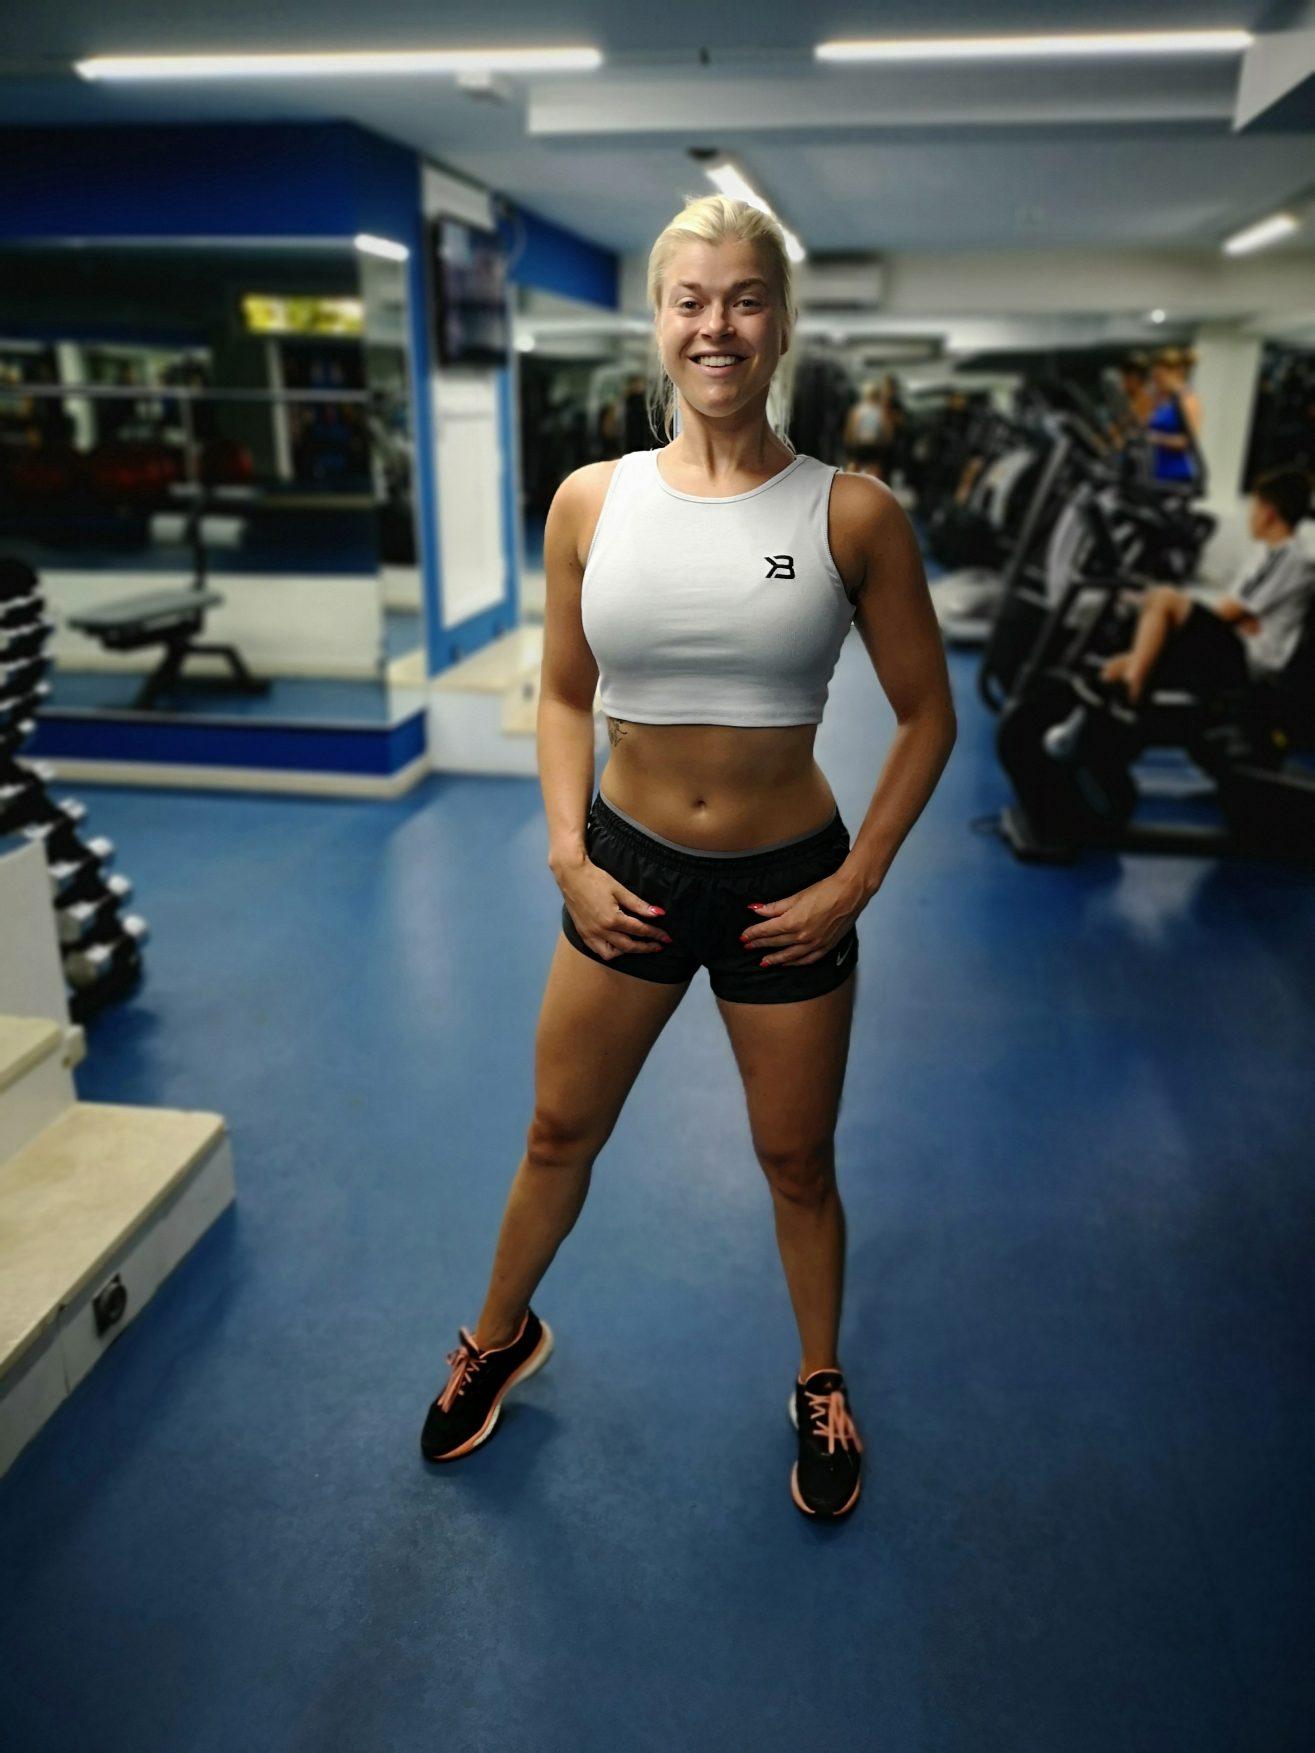 Linn Stenholm Fitness dietstart bikini fitness